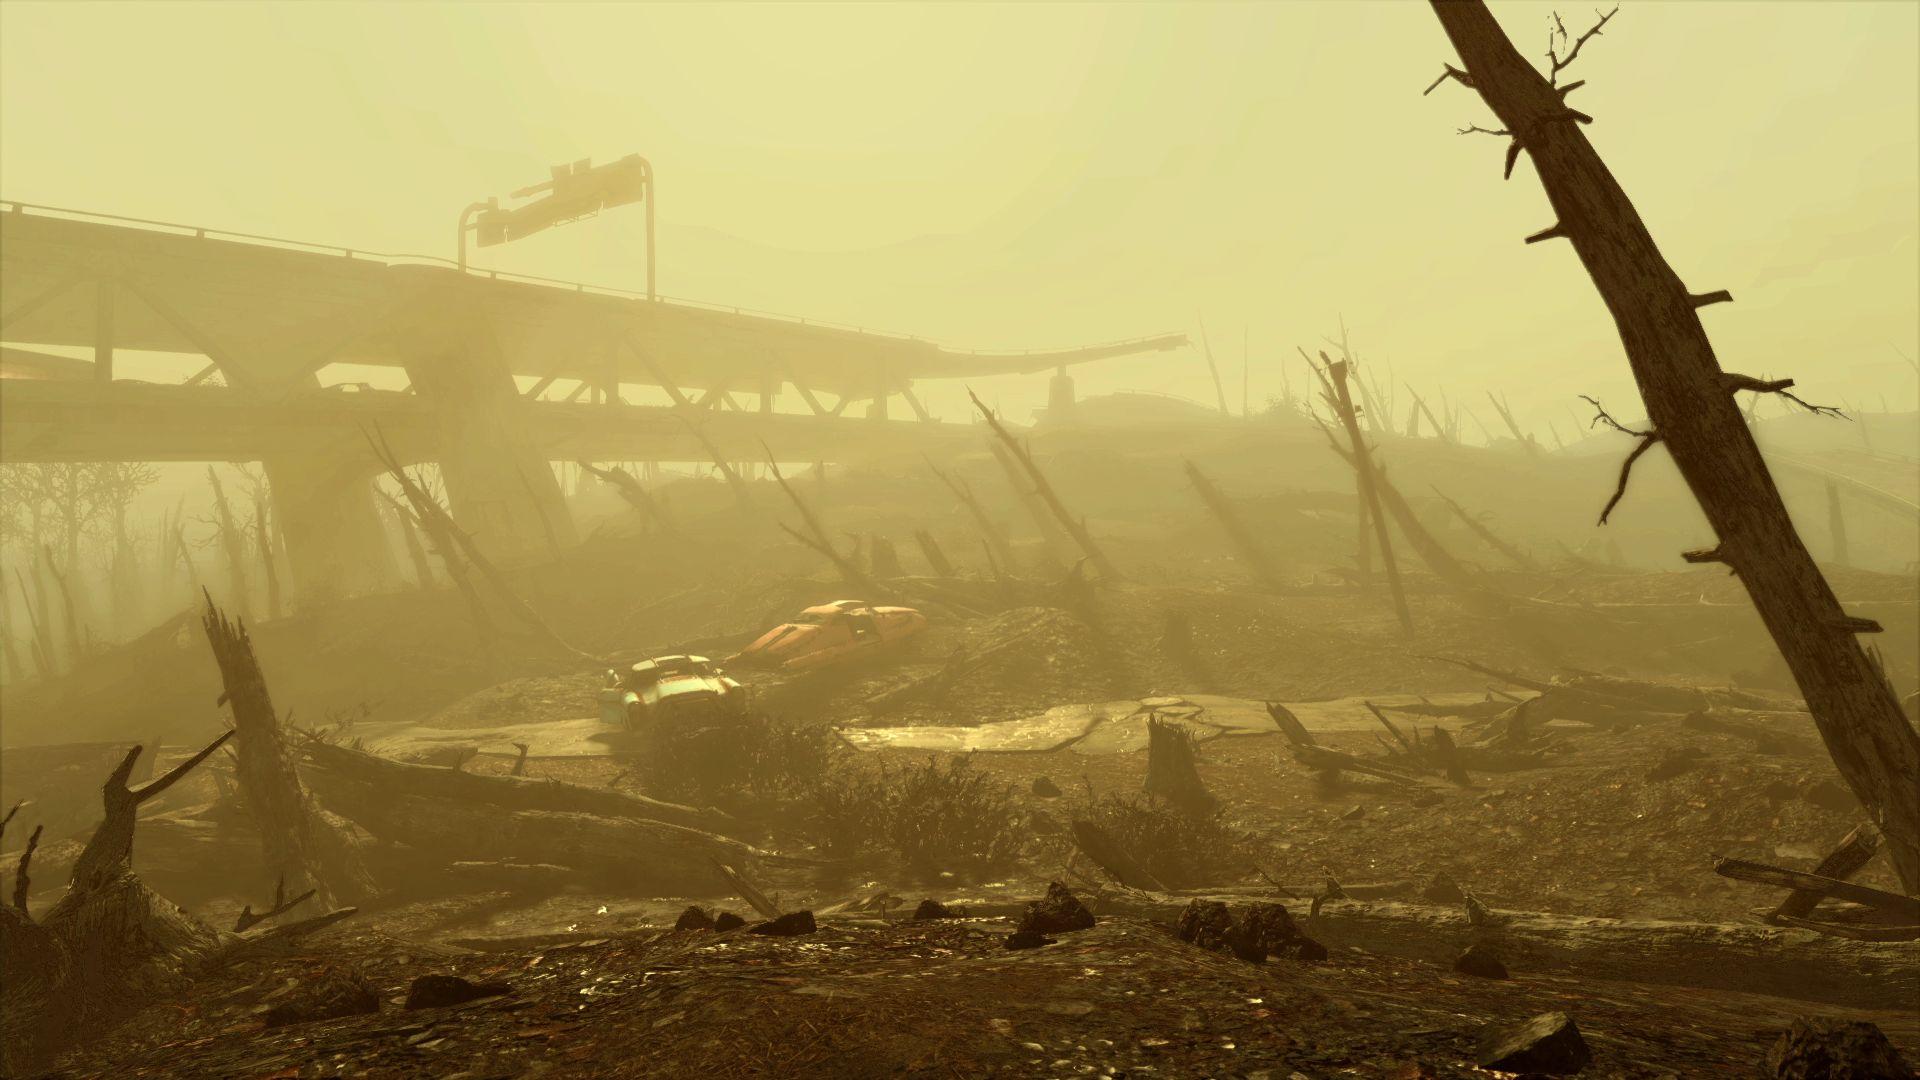 Fallout 4 vyjde už v listopadu. Hra se předvedla na E3 110116